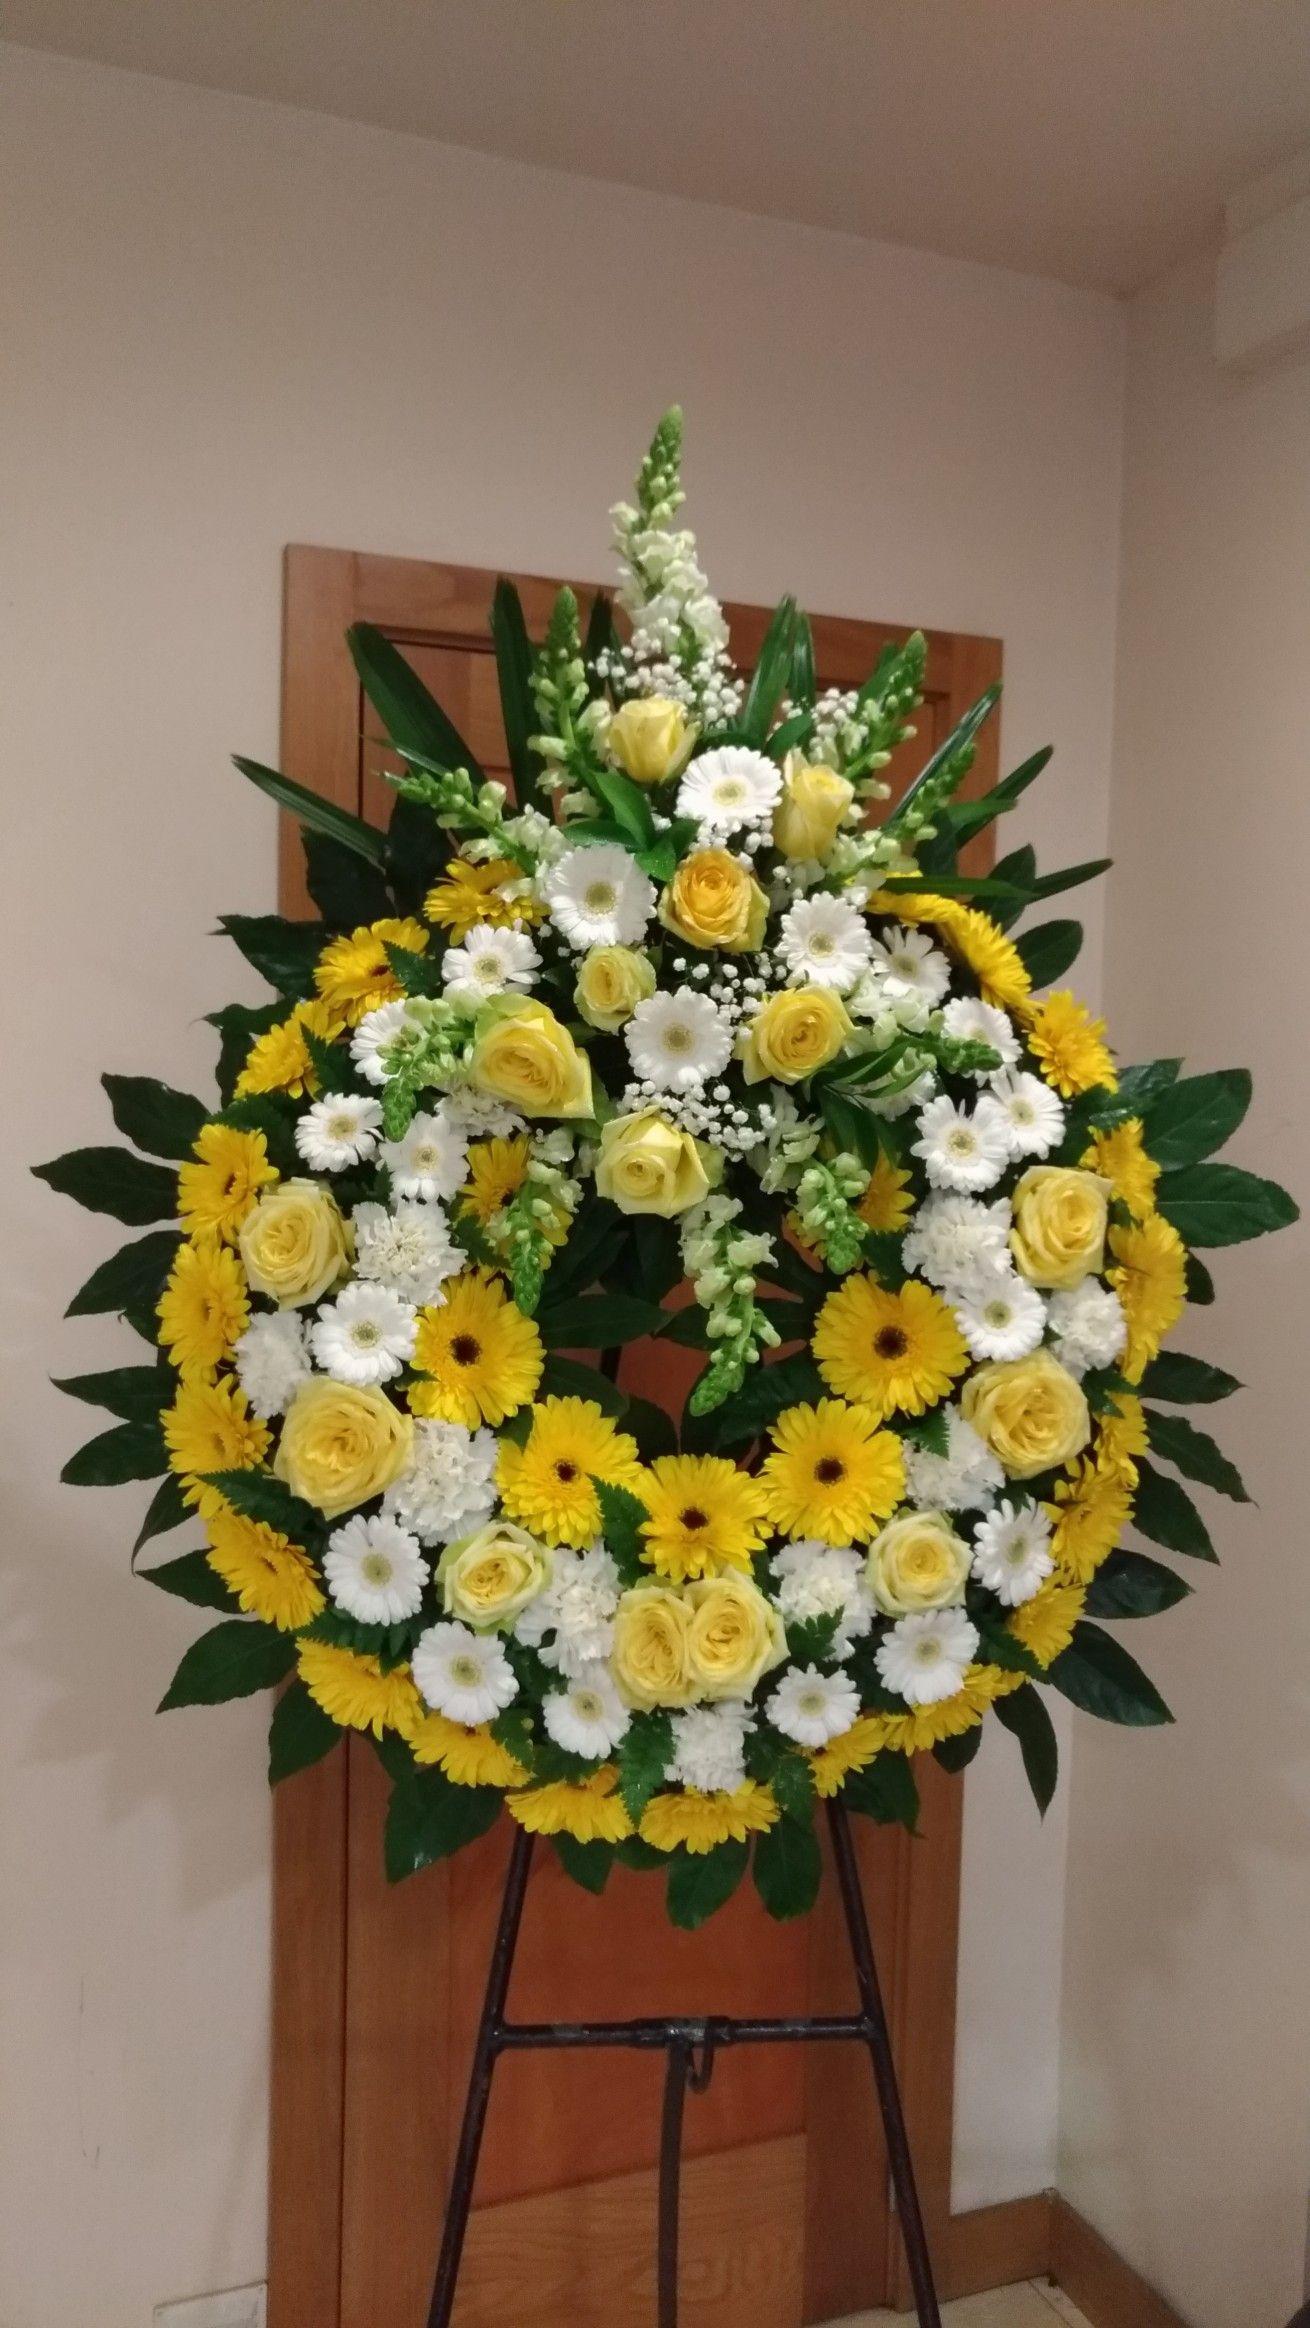 Pin De Melu Blanco En Arreglos Funeral Arreglos Funerales